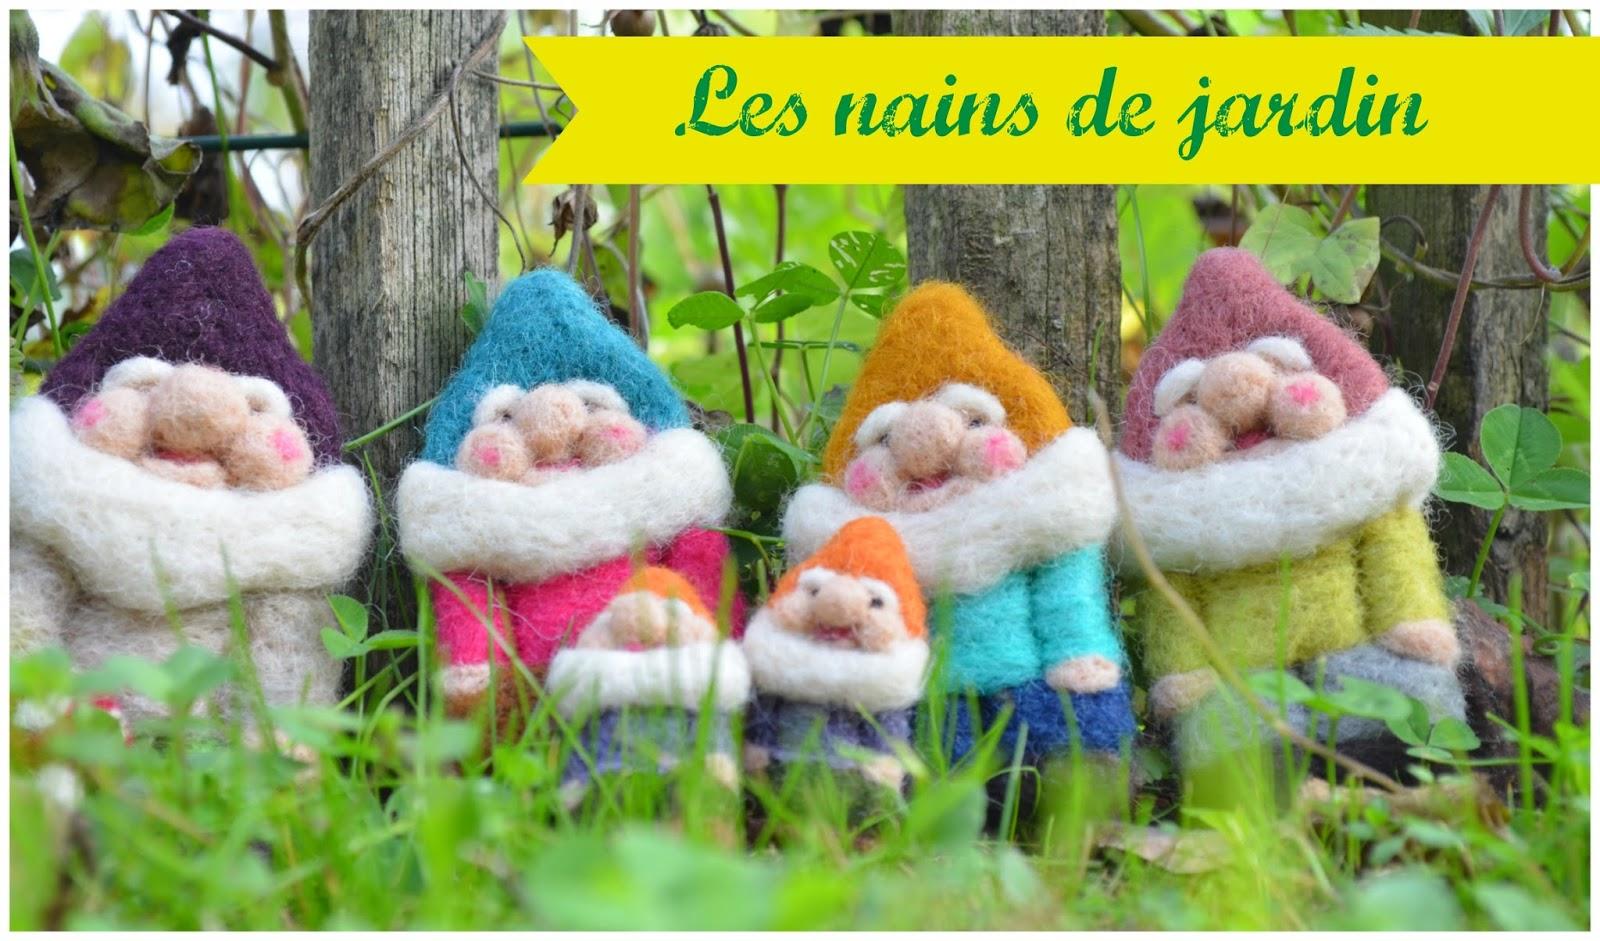 Sauterelle verte les nains de jardin - Nains de jardin originaux ...